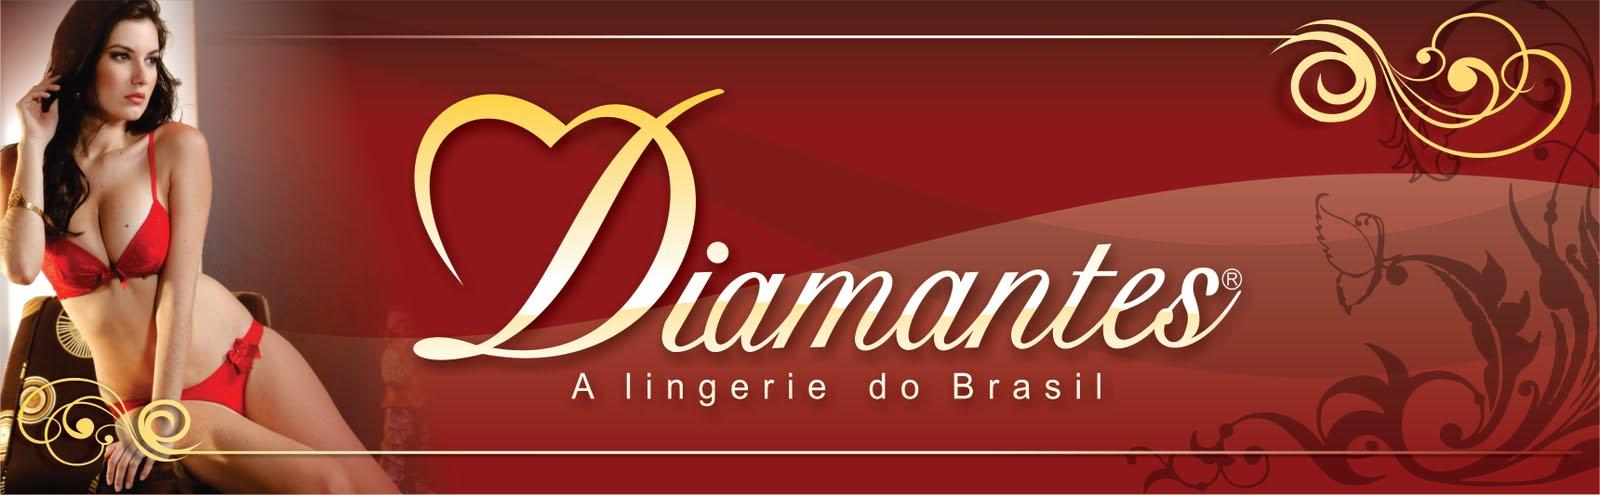 1a54c6953 Comprar diamantes lingerie – Roupa de banho